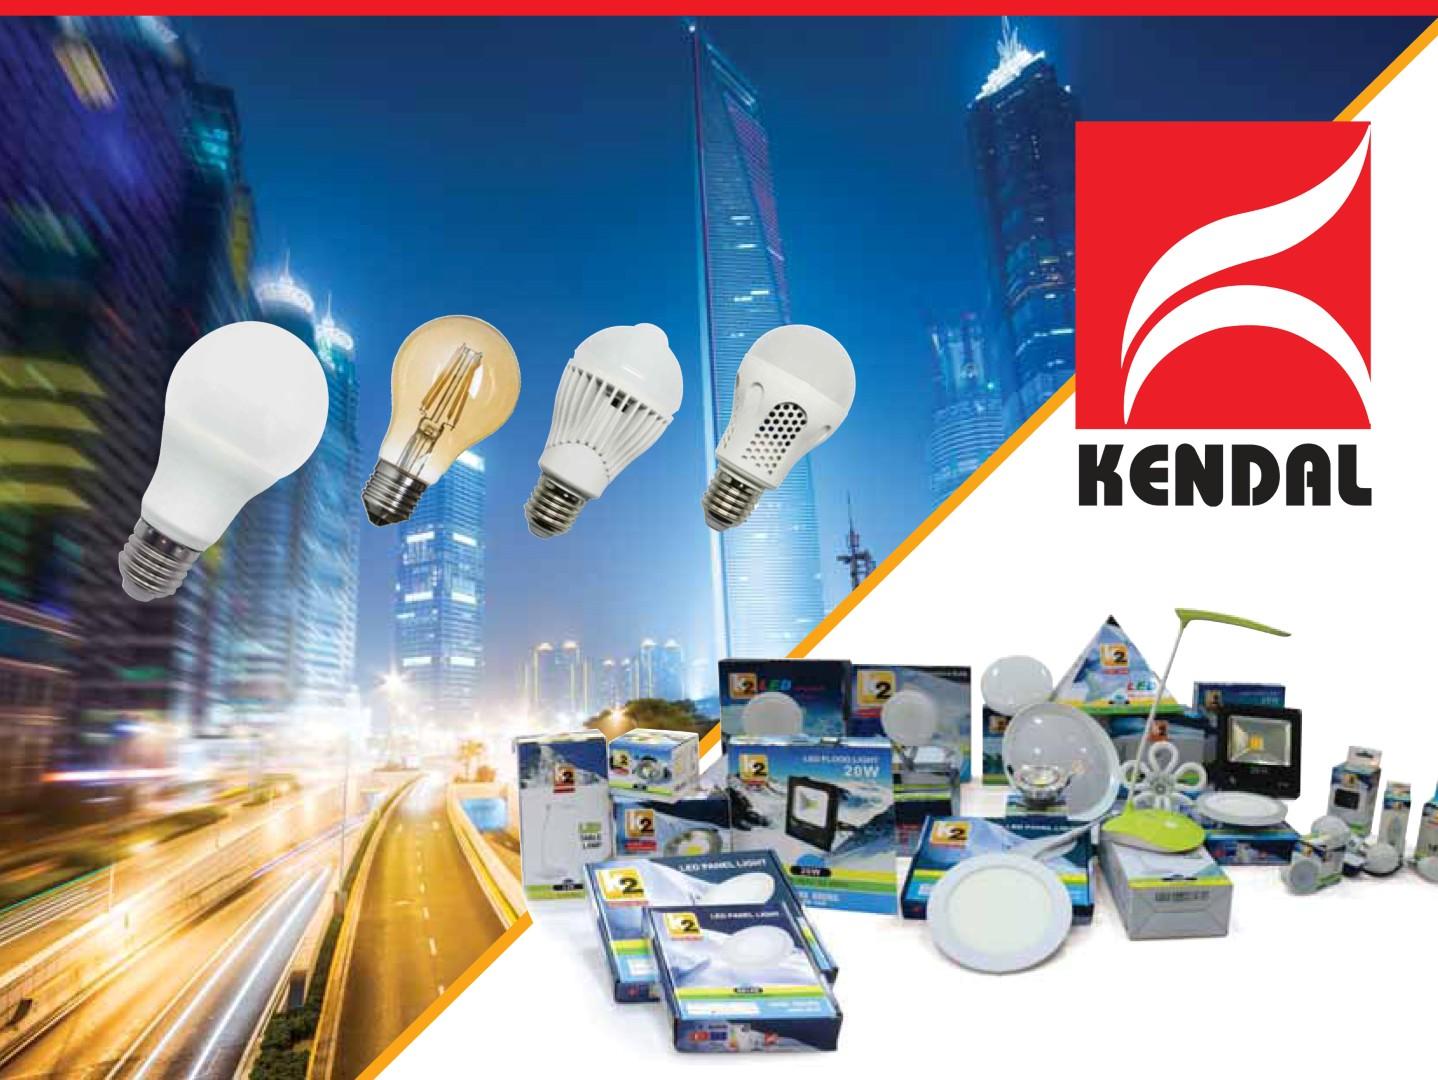 Kendal Elektrik Türkiye'de üretiyor, Dünyaya hizmet veriyor…